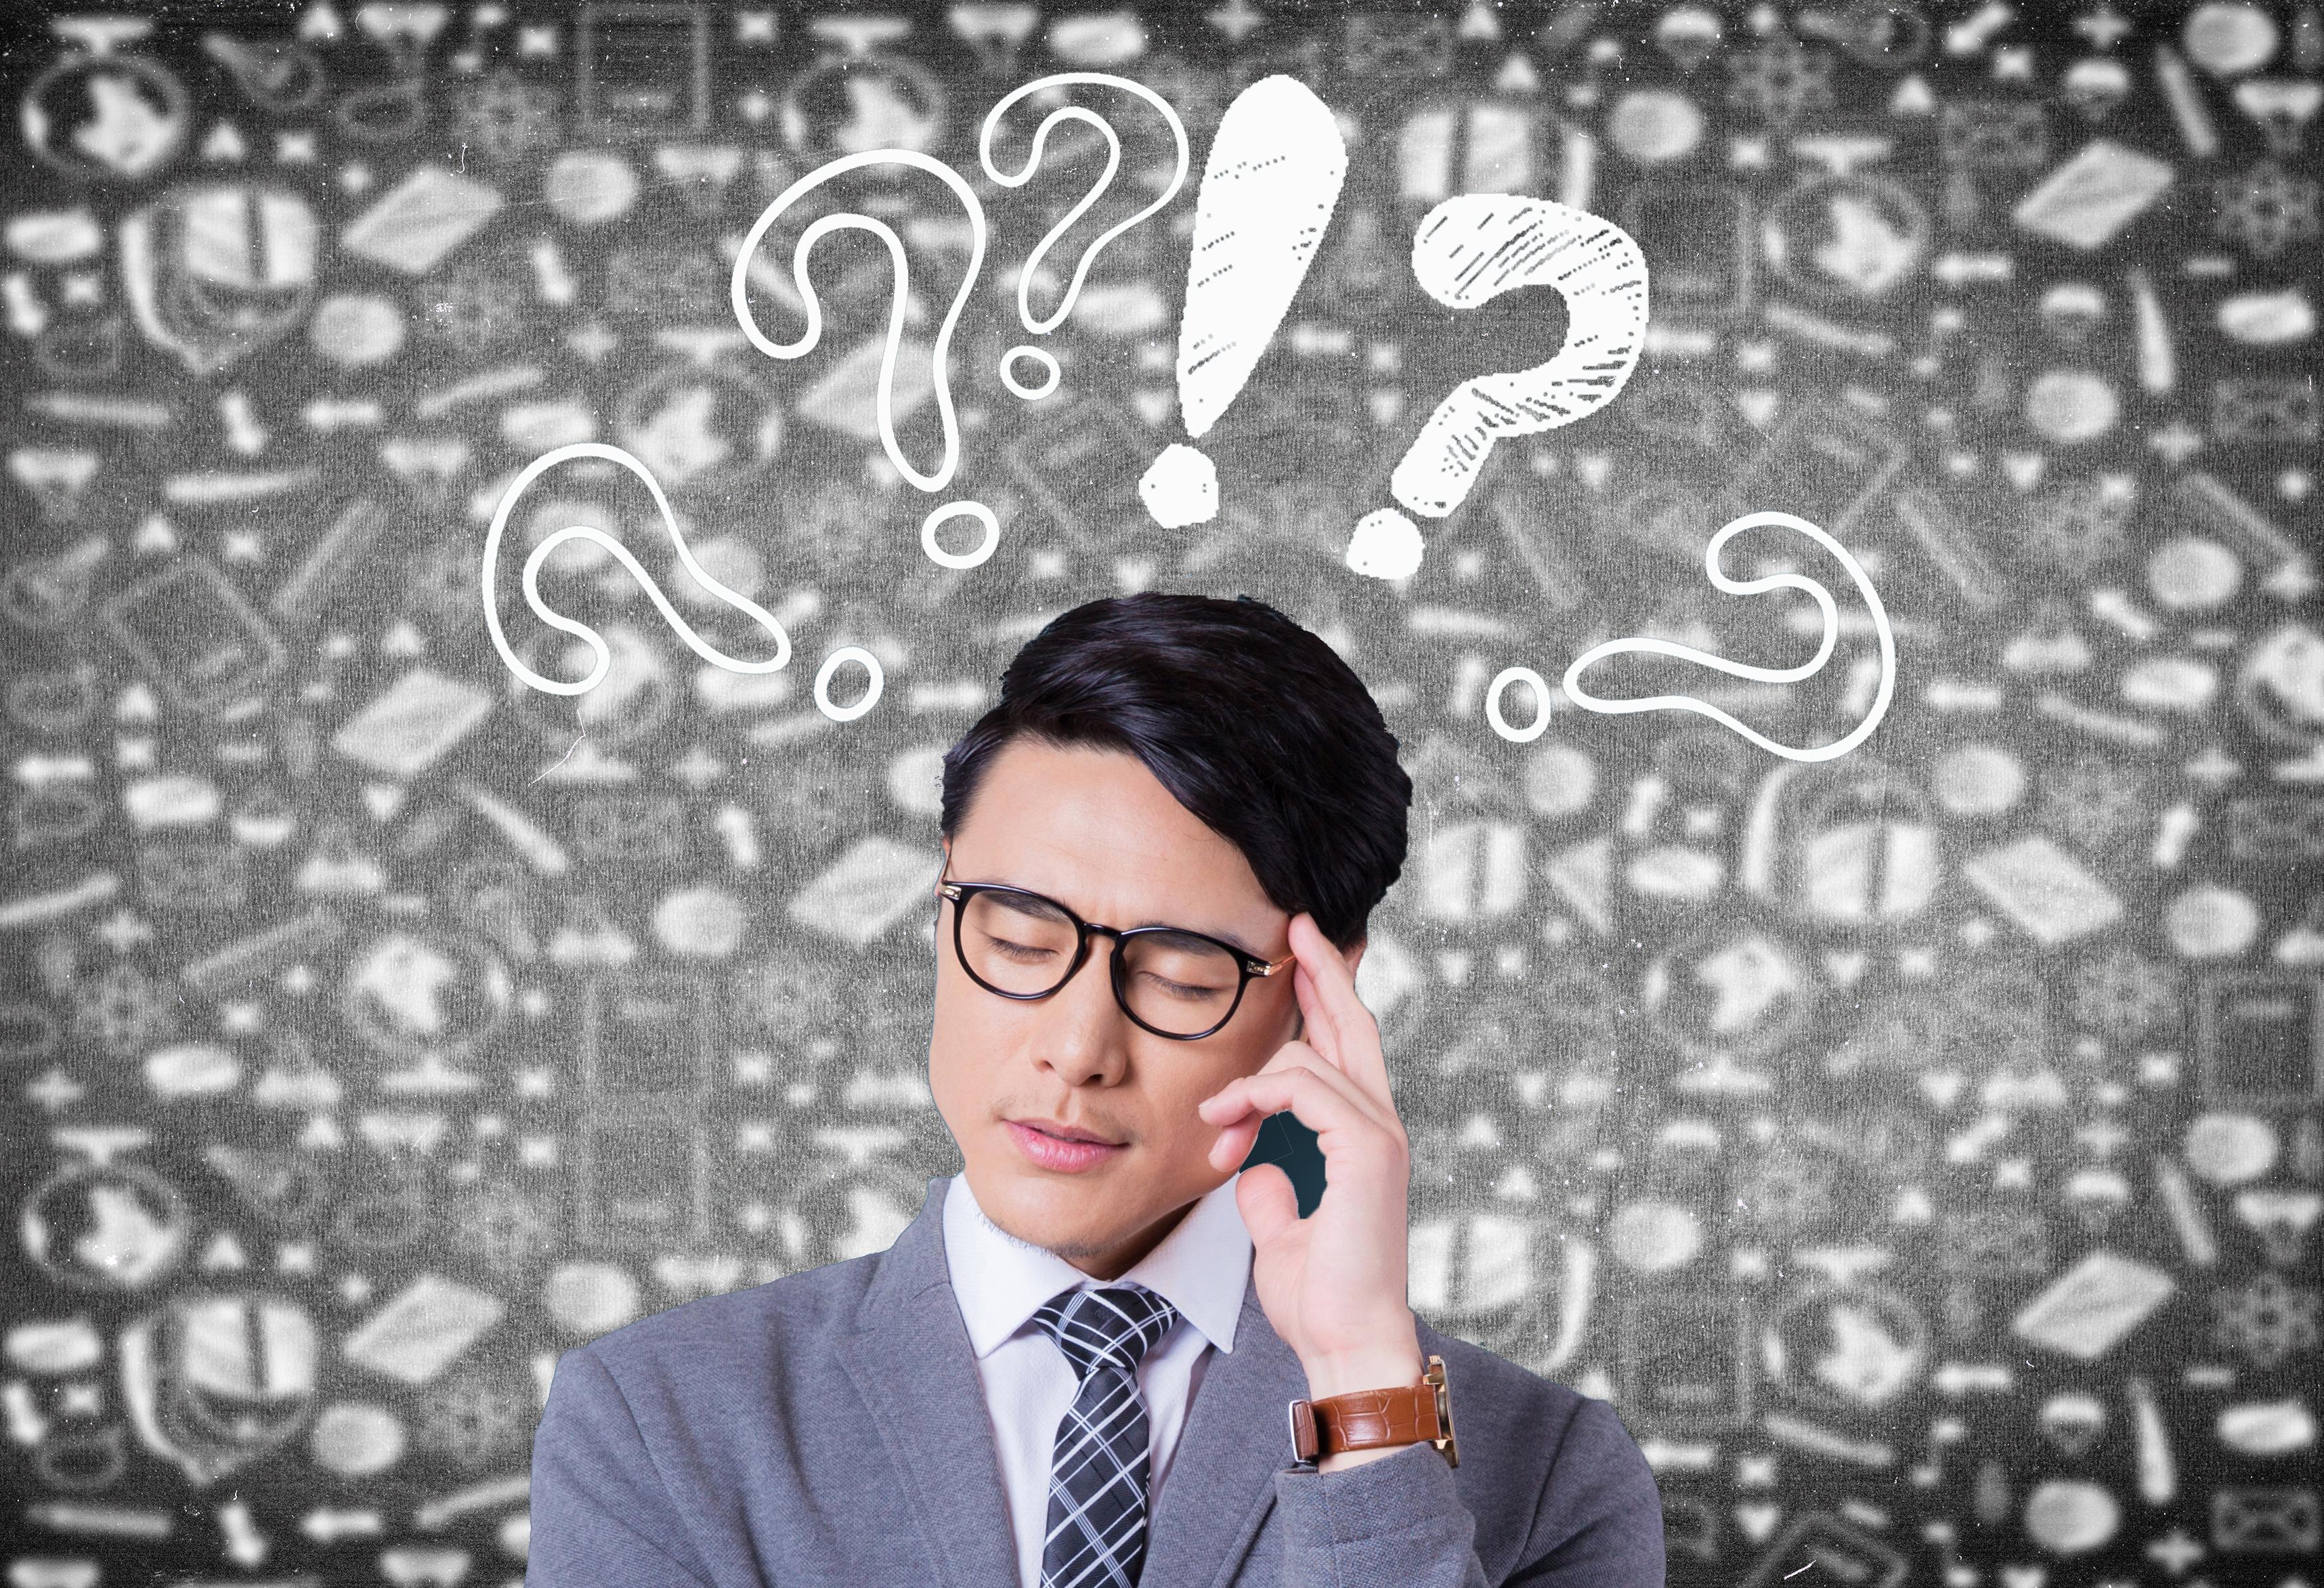 创业公司如何省掉每月200块钱的代理记账费?